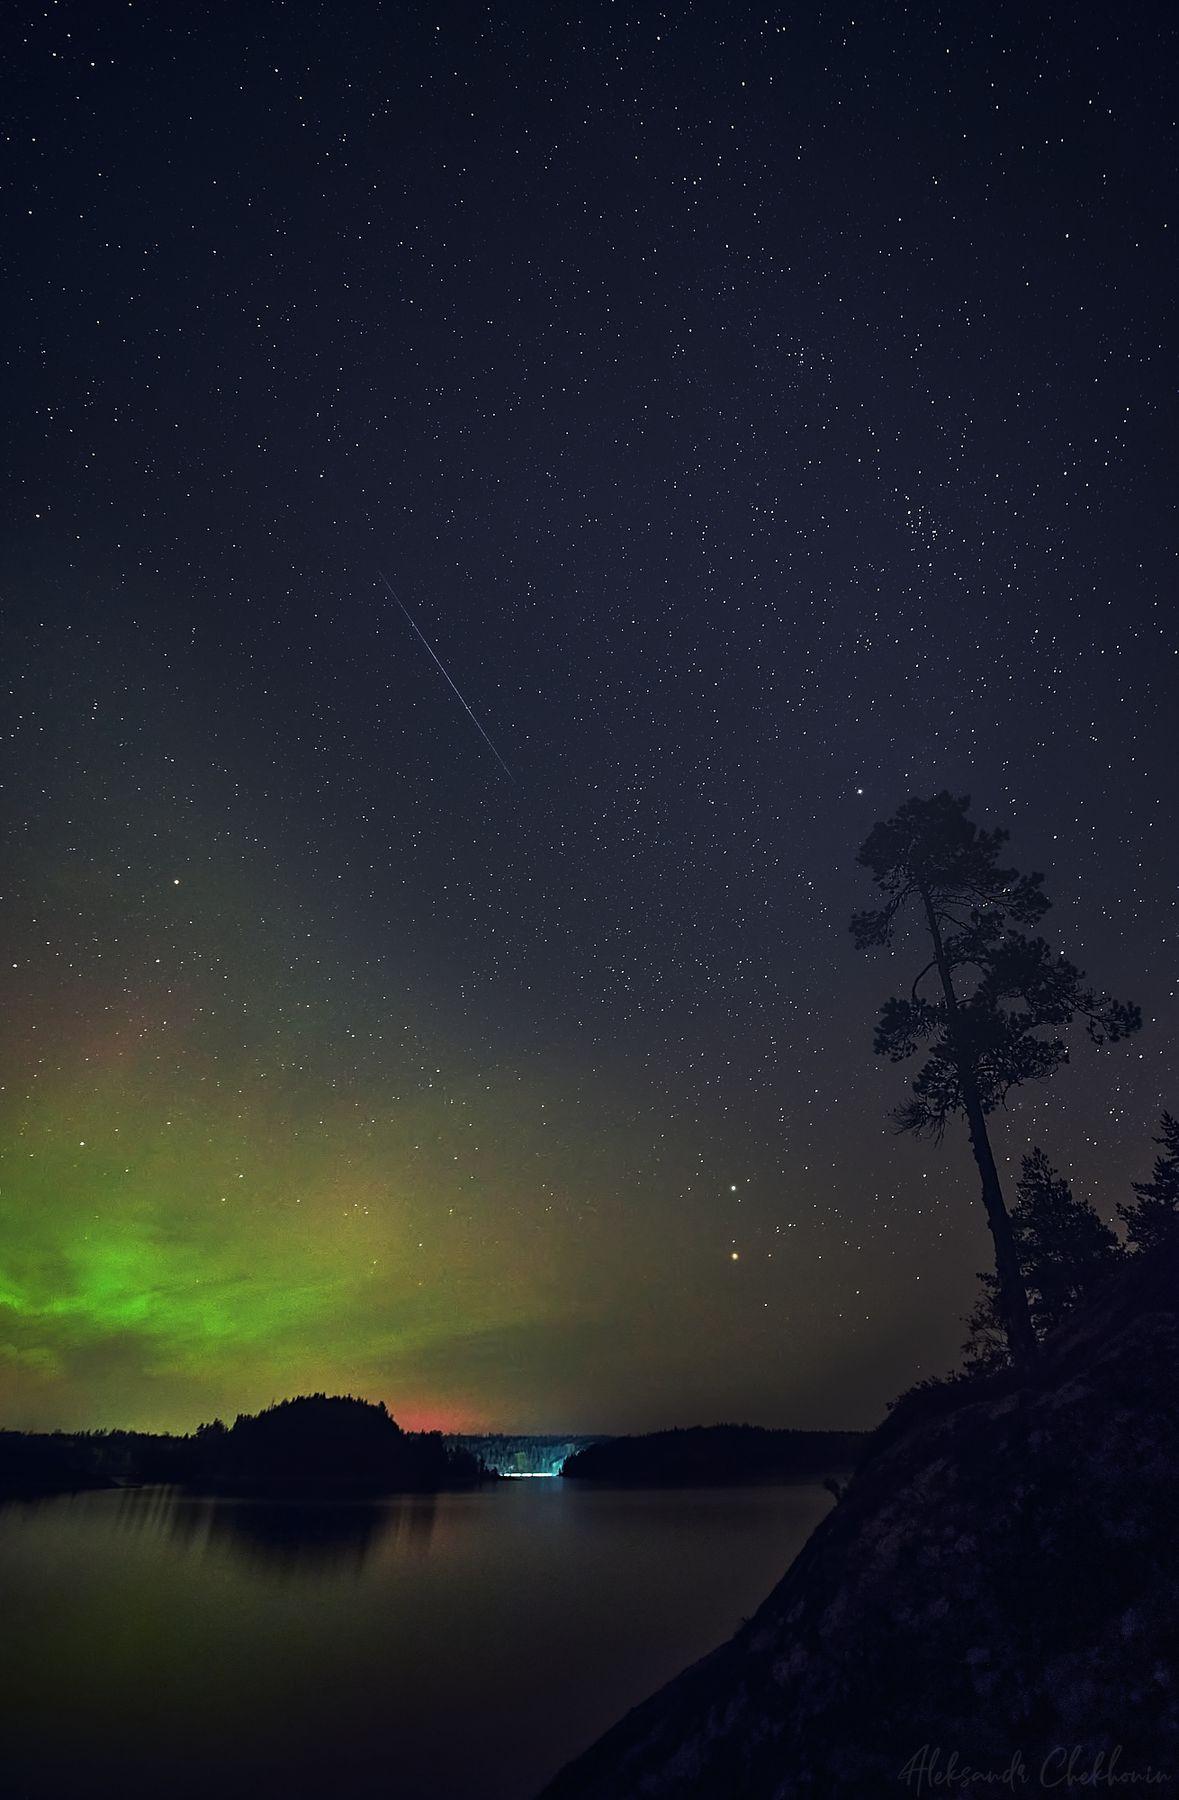 Северное сияние на Ладожских шхерах Северное сияние Ладога Шхеры Звезды Метеорит Ночь